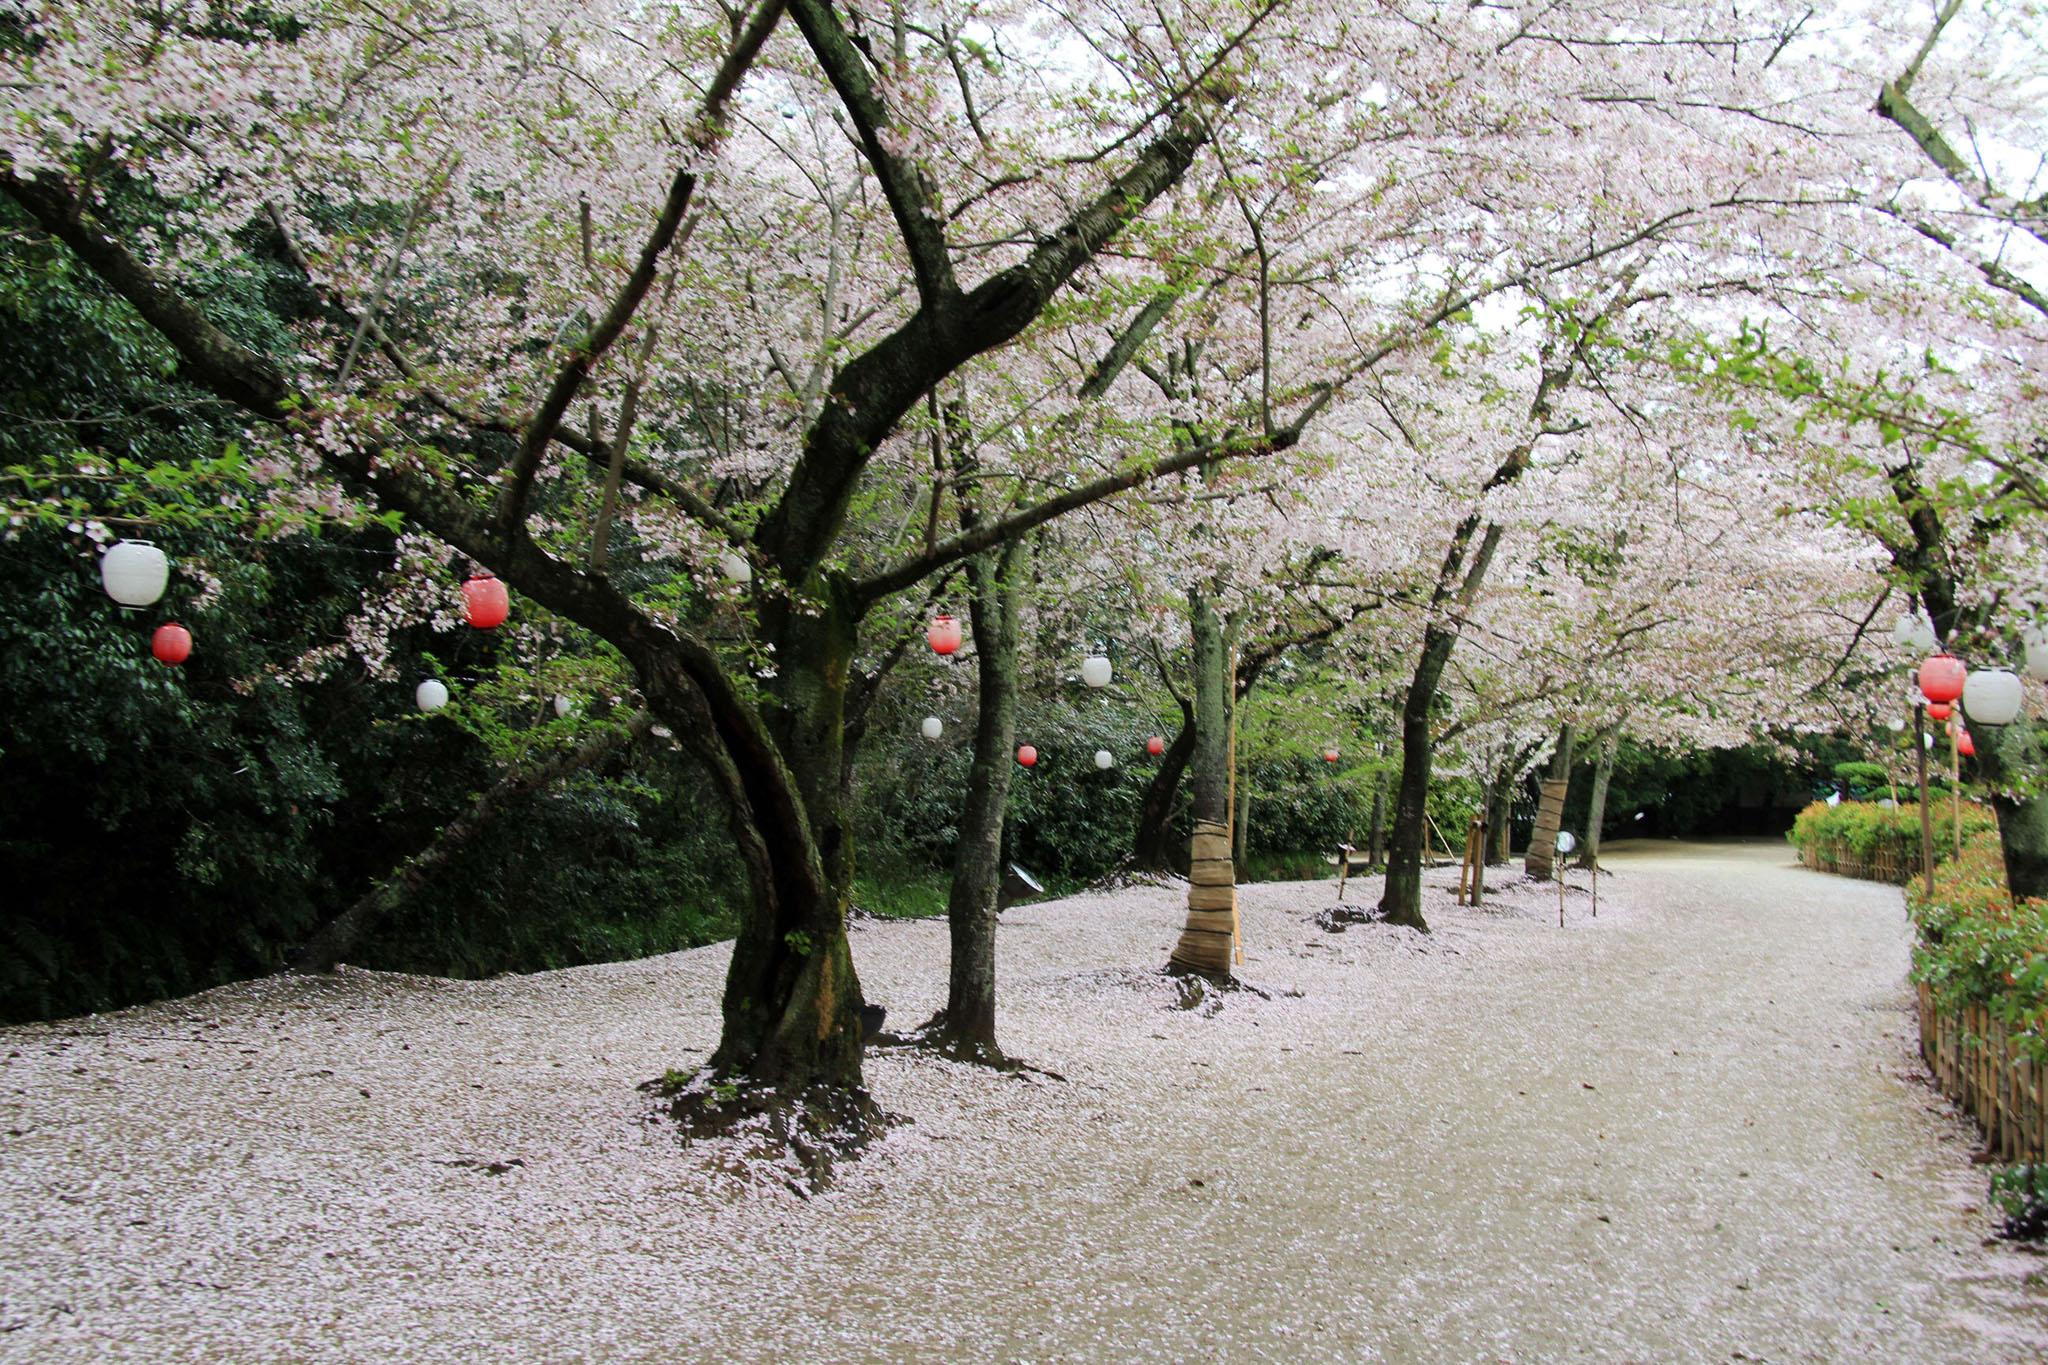 Voyage à moto inaugural au Japon, au printemps 2015. Une exclusivté de votre agence de voyage Air Moto Tours